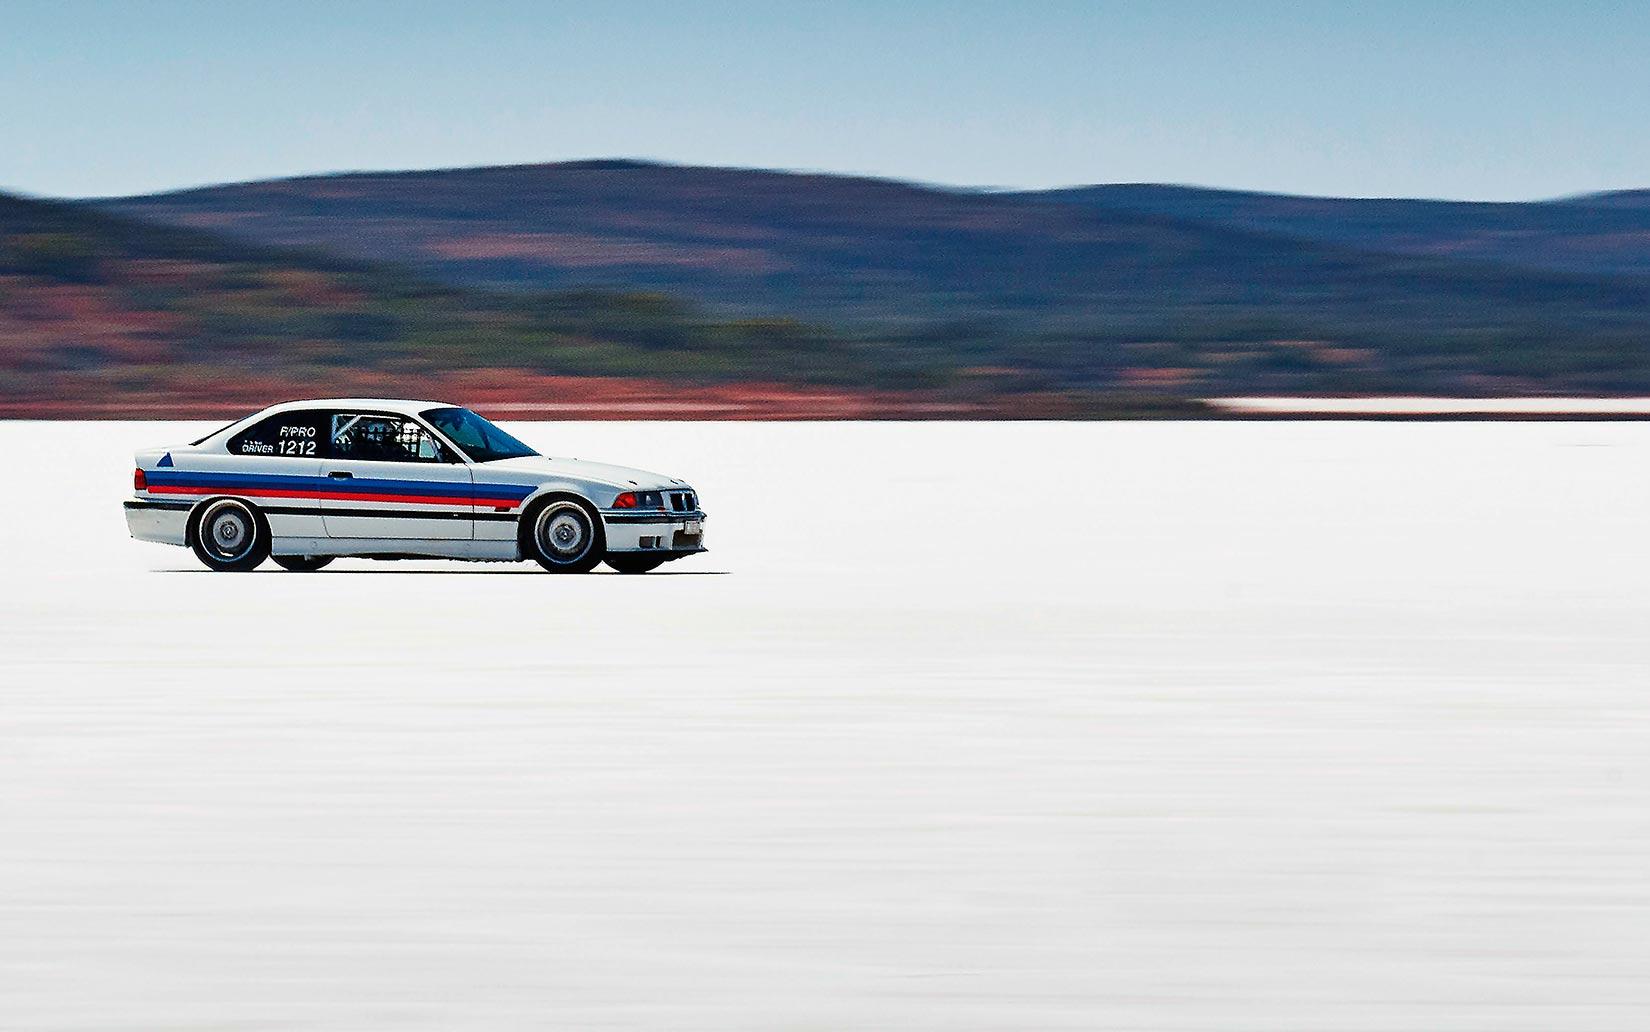 The Worldu0027s Fastest BMW M3 E36u2026 On Salt!